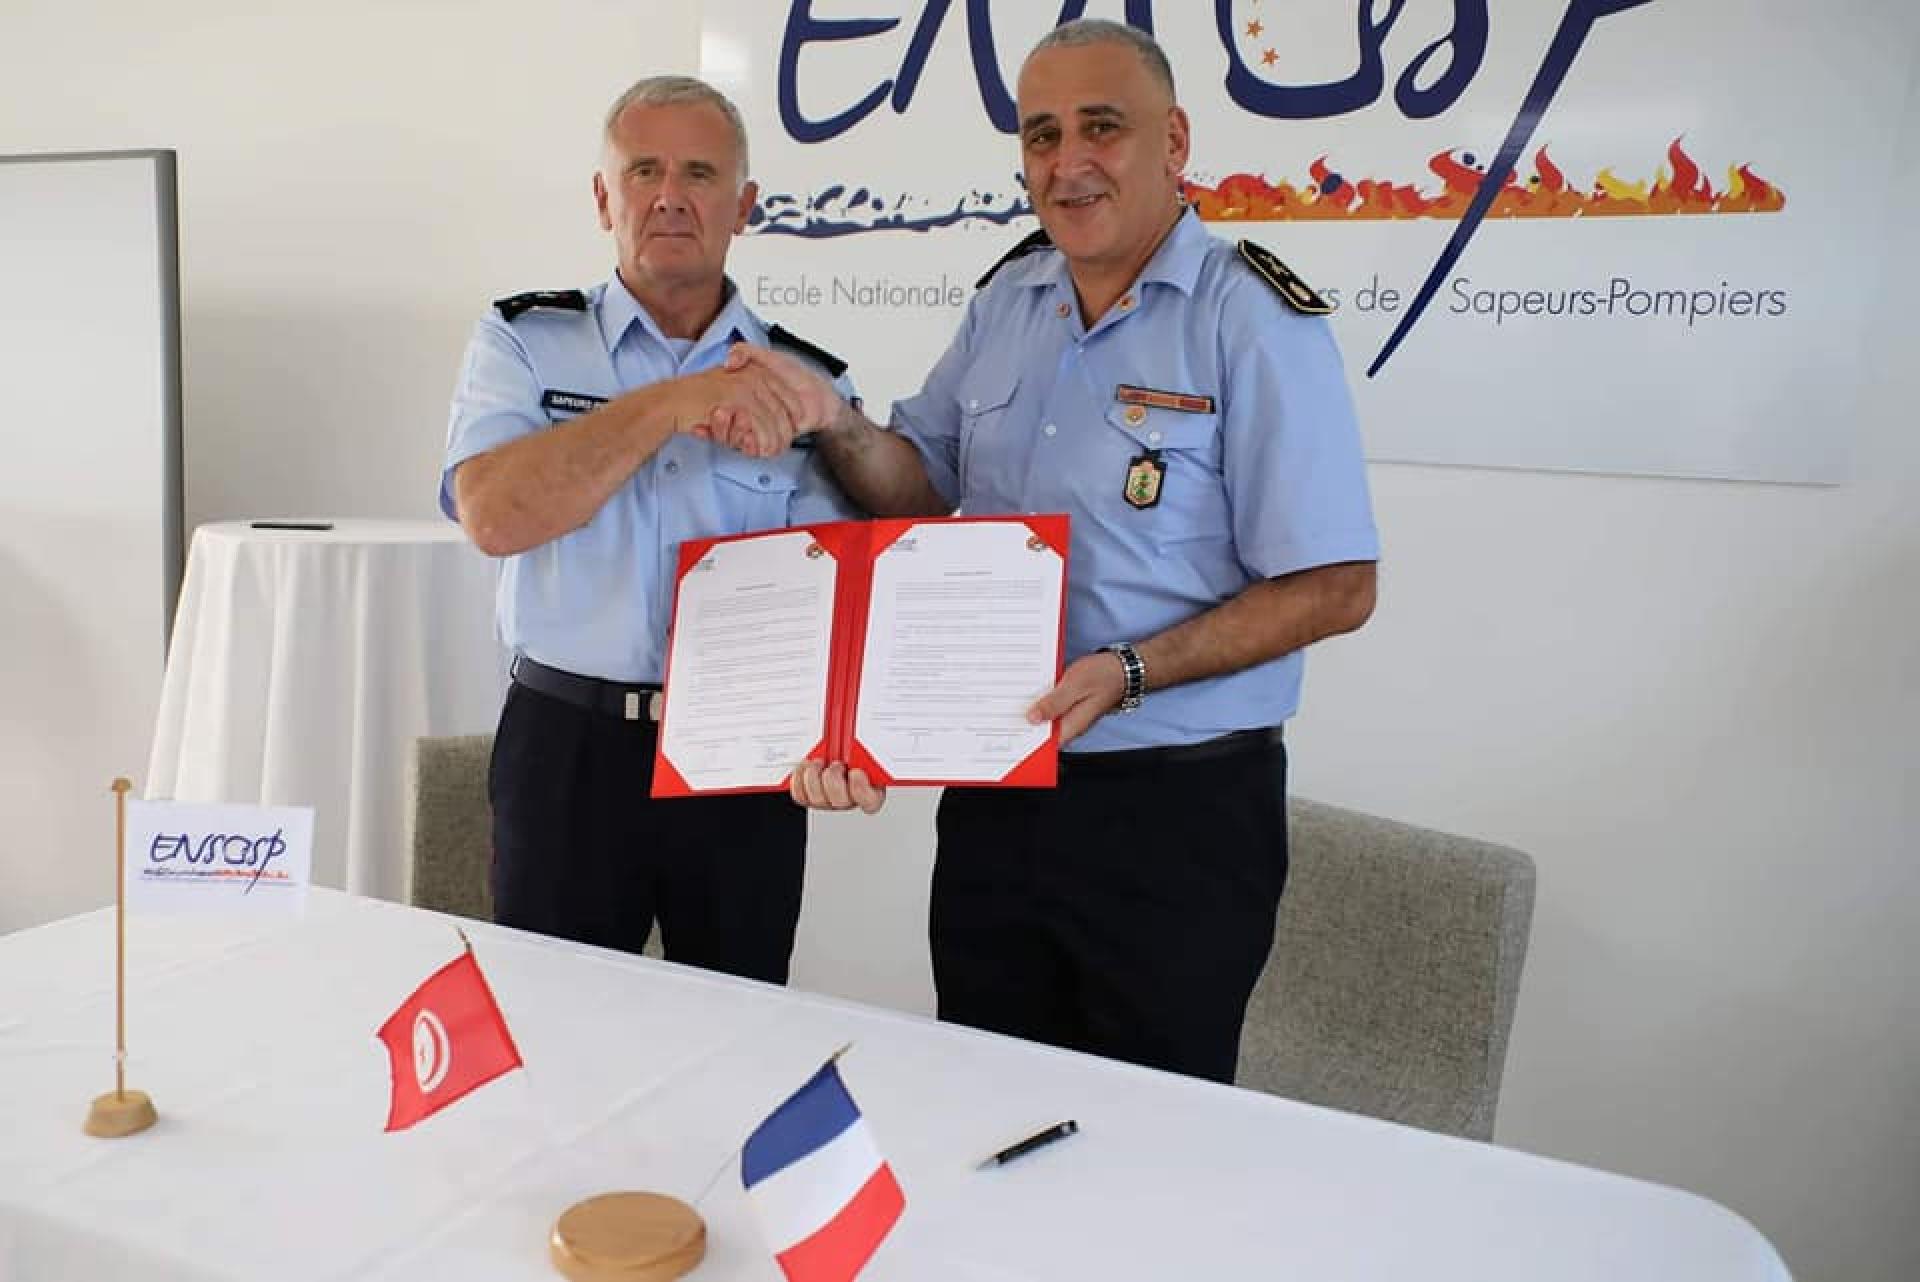 Signature d'un PV entre le directeur de l'ENPC et le directeur de l'ENSOSP